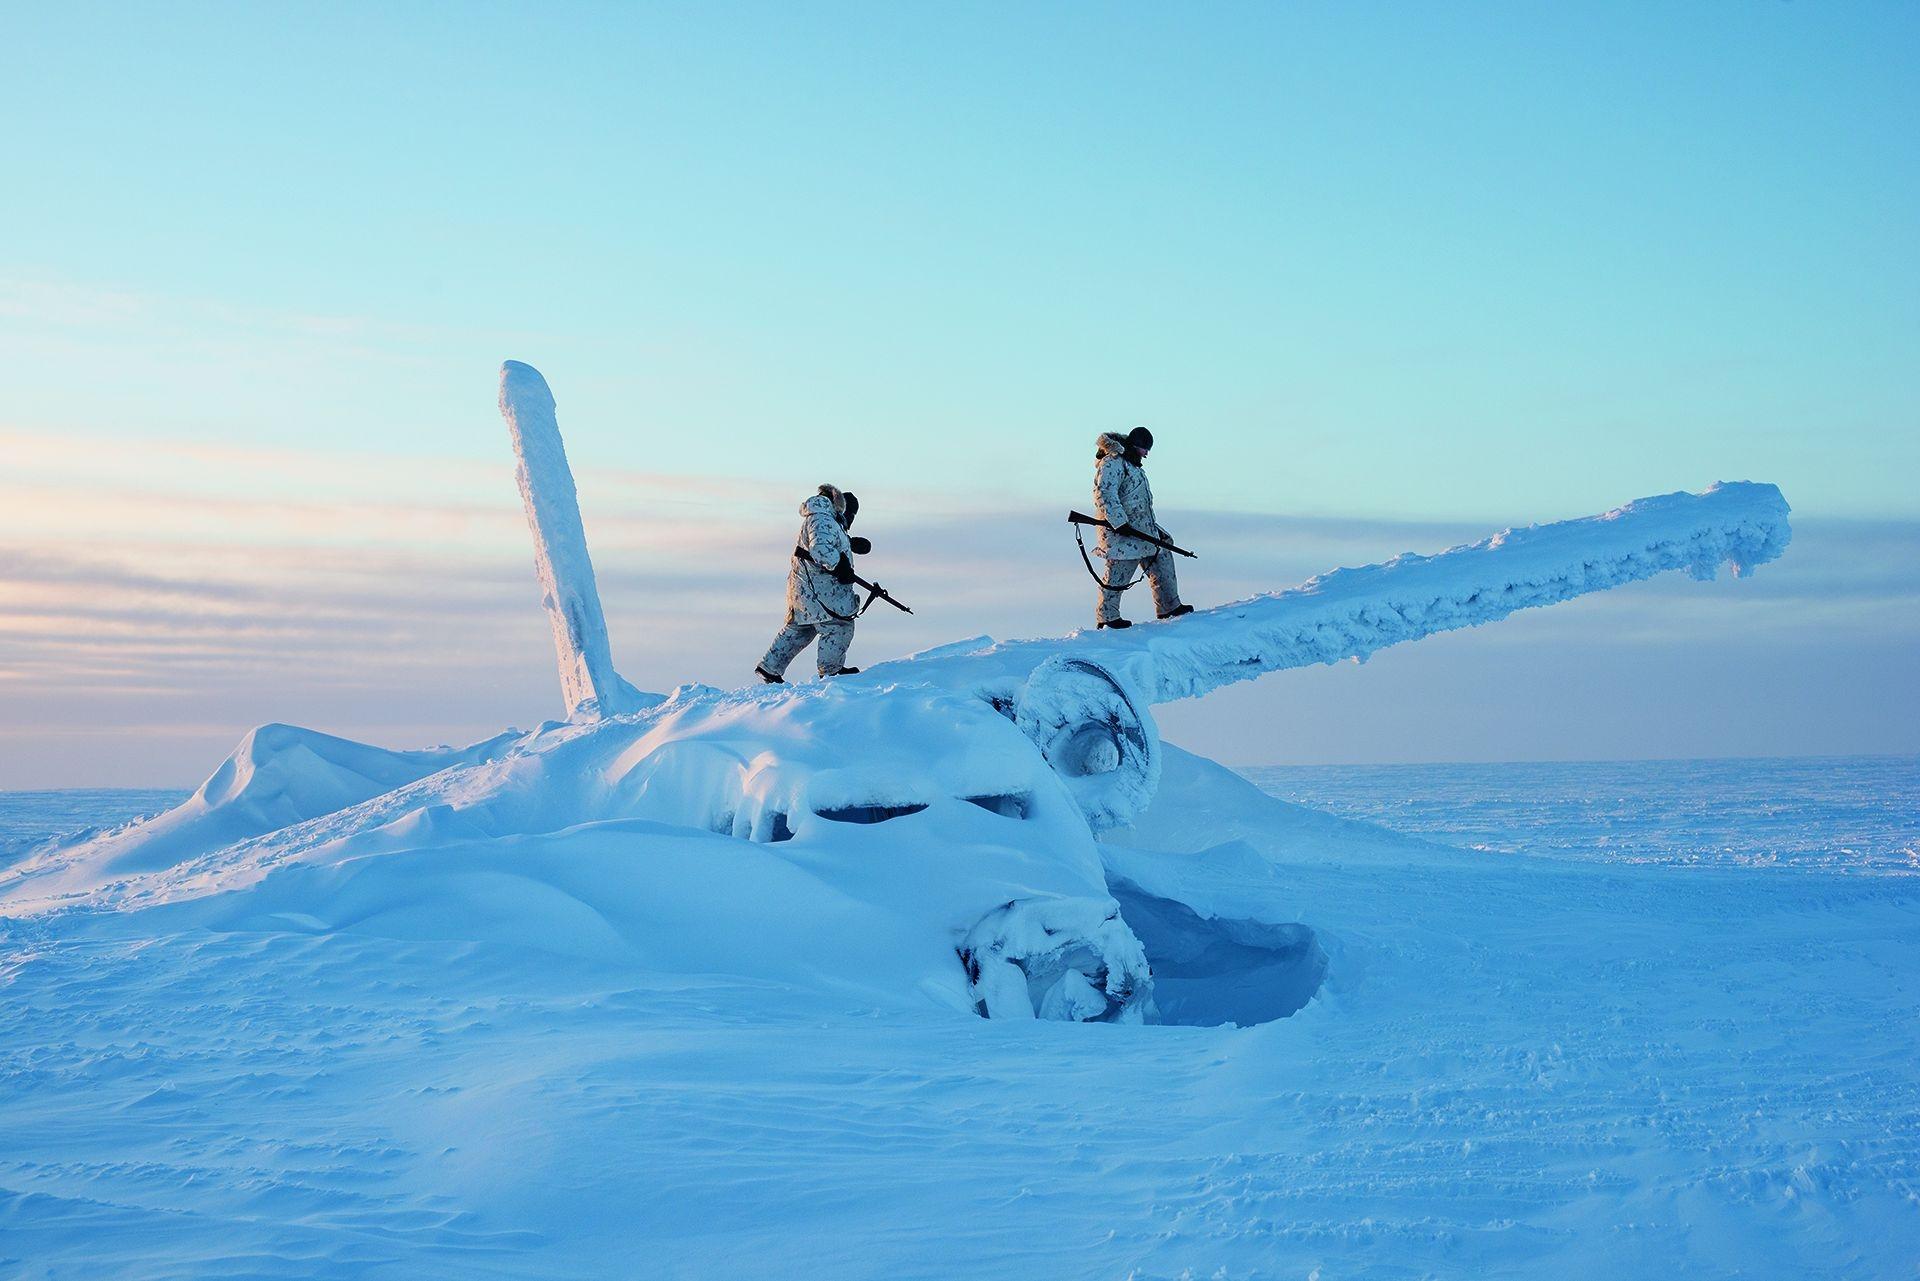 加拿大士兵爬上一架飛機的殘骸偵查這個區域,地點在北極點以南約1600公里的康瓦力島上,他們正在該島接受極地生存訓練。隨著北極地區暖化和環繞該地區未來的緊張情勢升高,加拿大和美國軍方已強化在該地區的軍事行動。攝影:路易.帕盧 LOUIE PALU